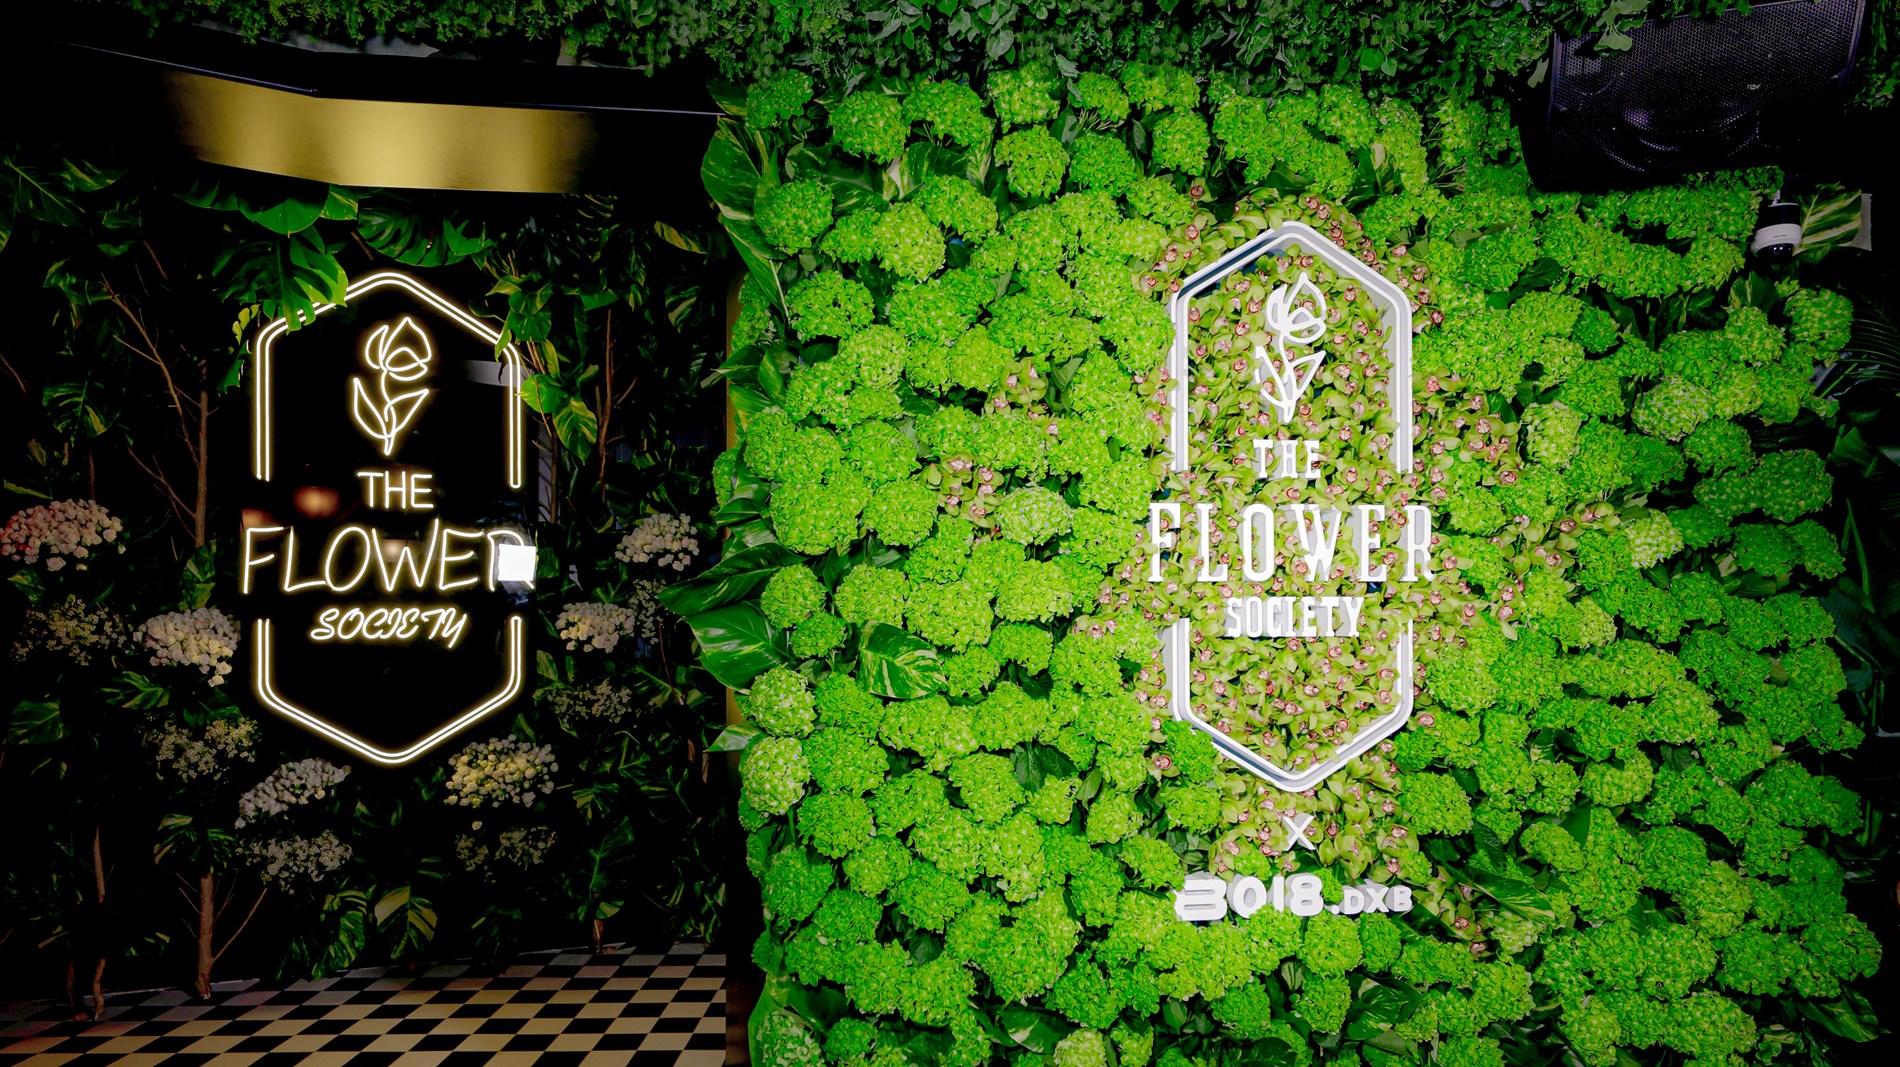 «ذا فلاور سوسايتي».. موقع إلكتروني مختص بتنسيق أجمل باقات الزهور في دبي